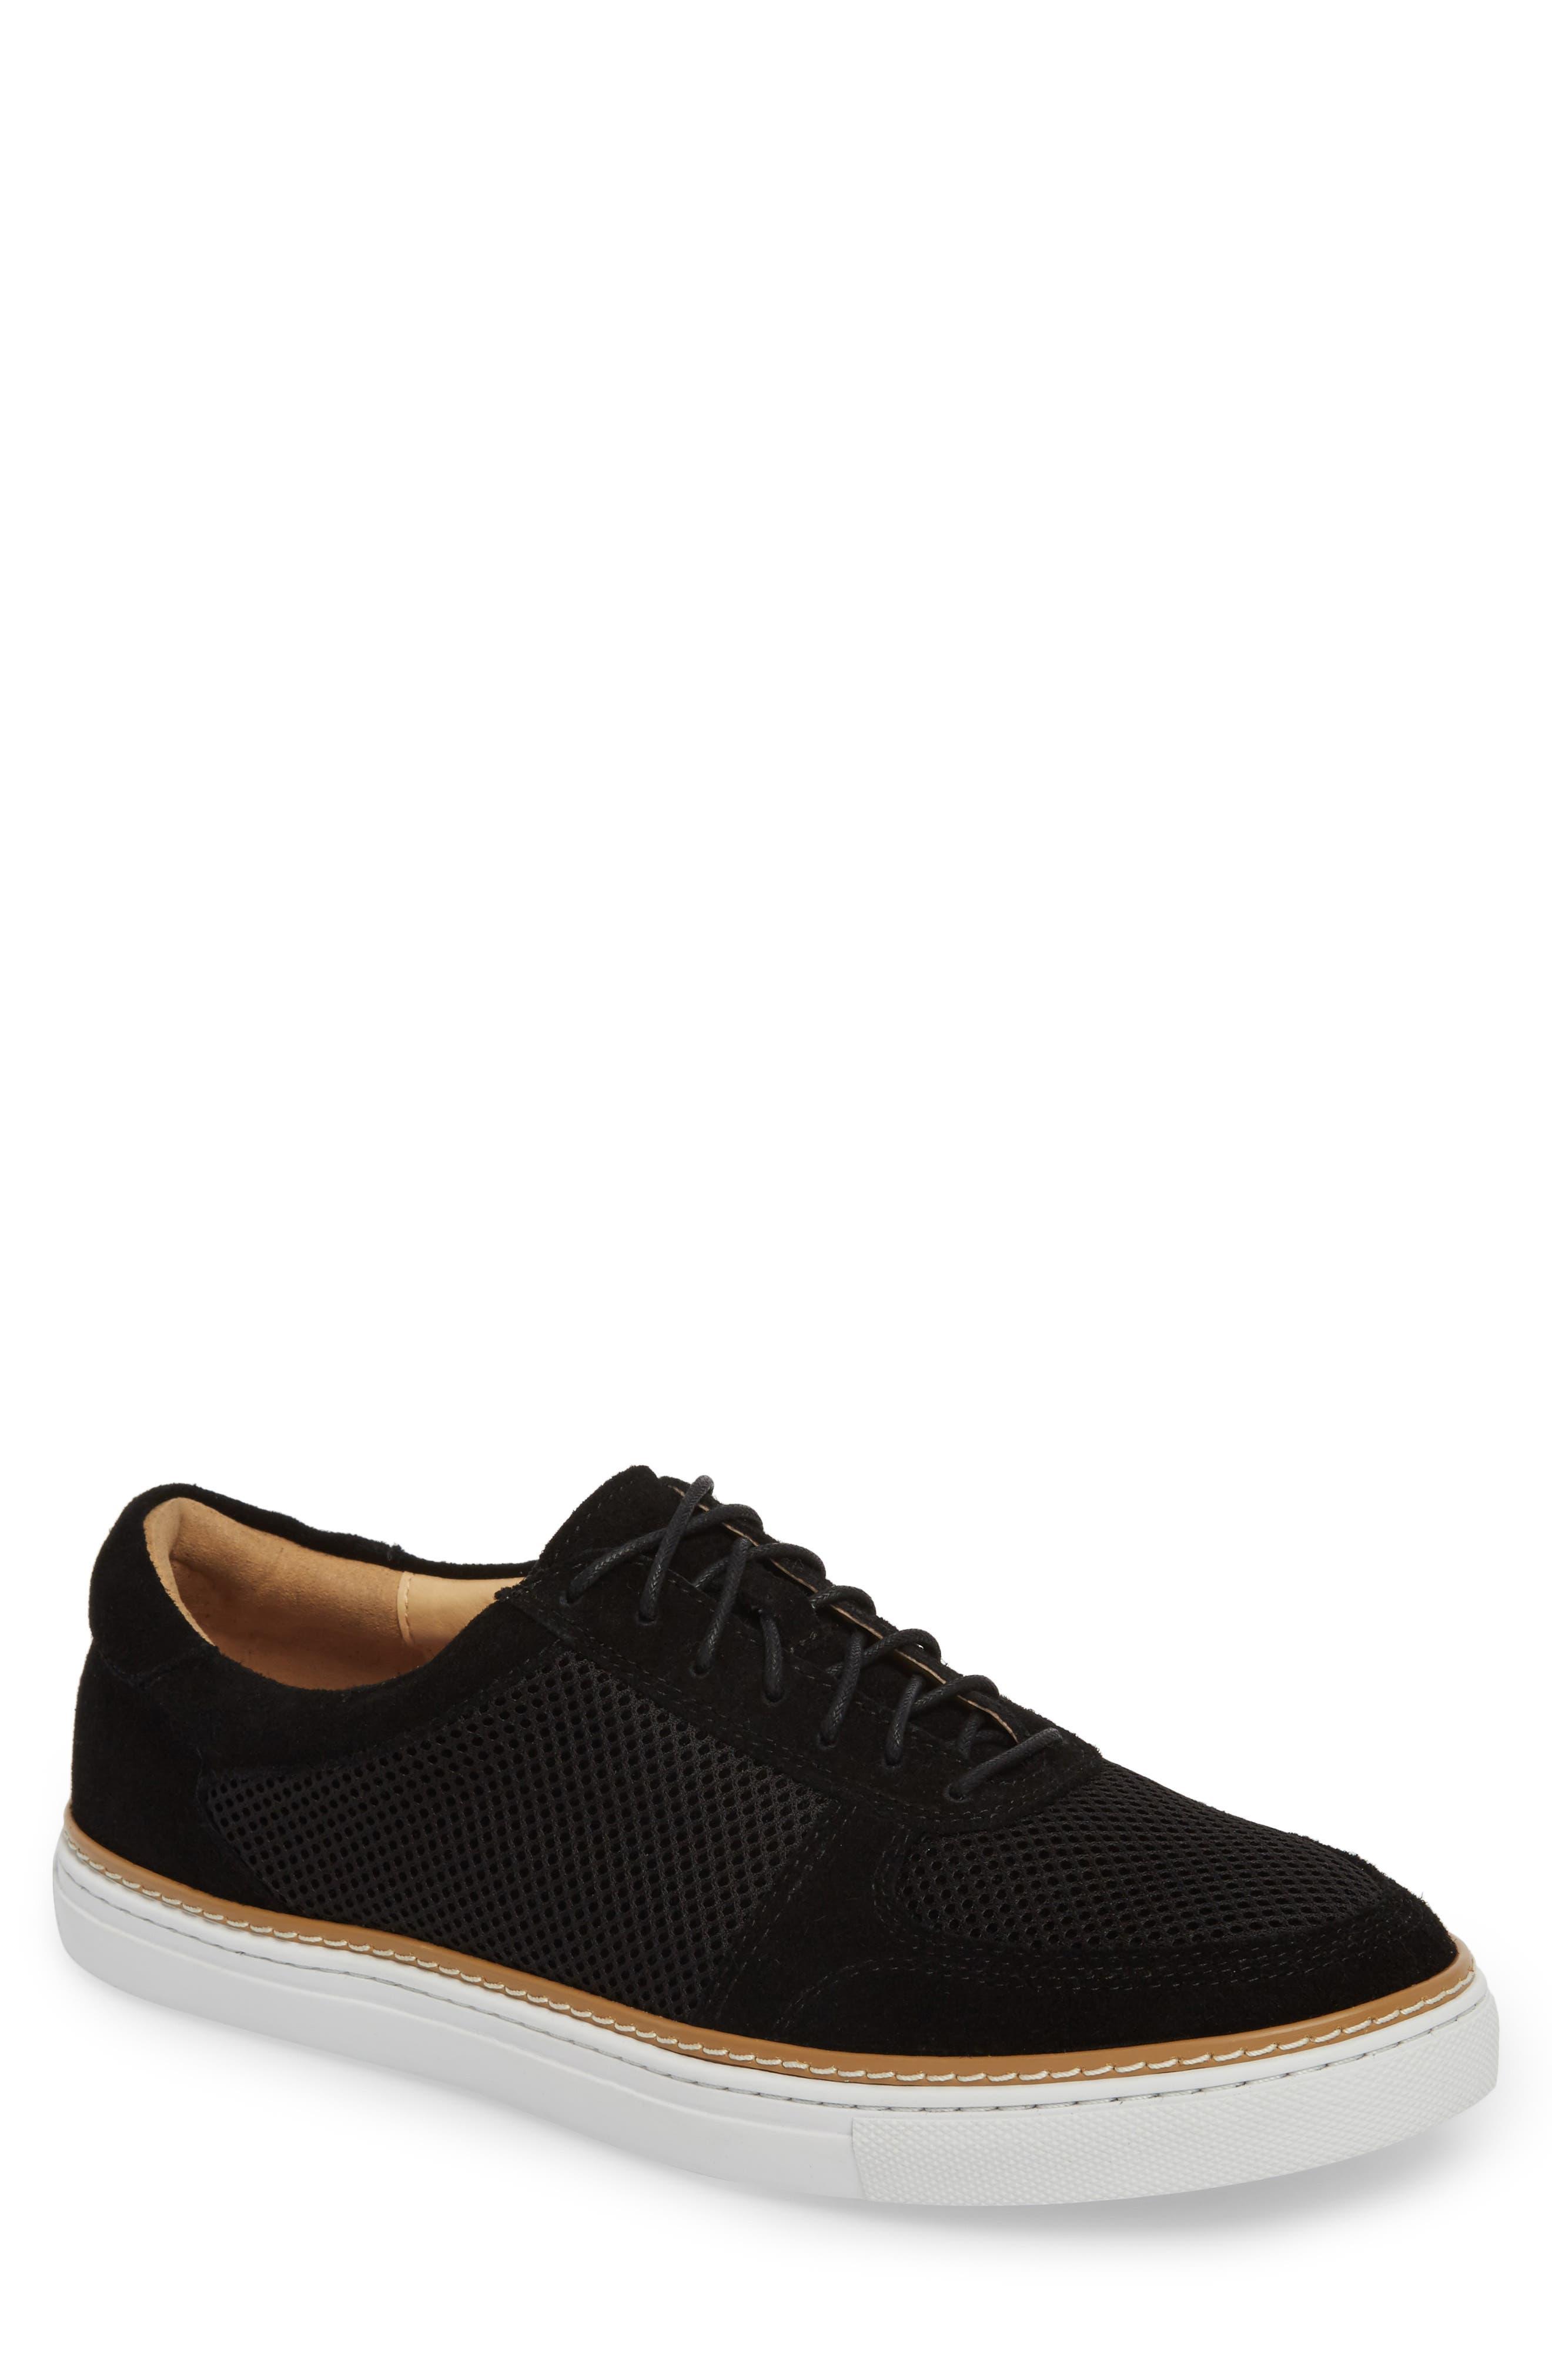 Landseer Mesh Sneaker,                         Main,                         color, BLACK SUEDE/ MESH